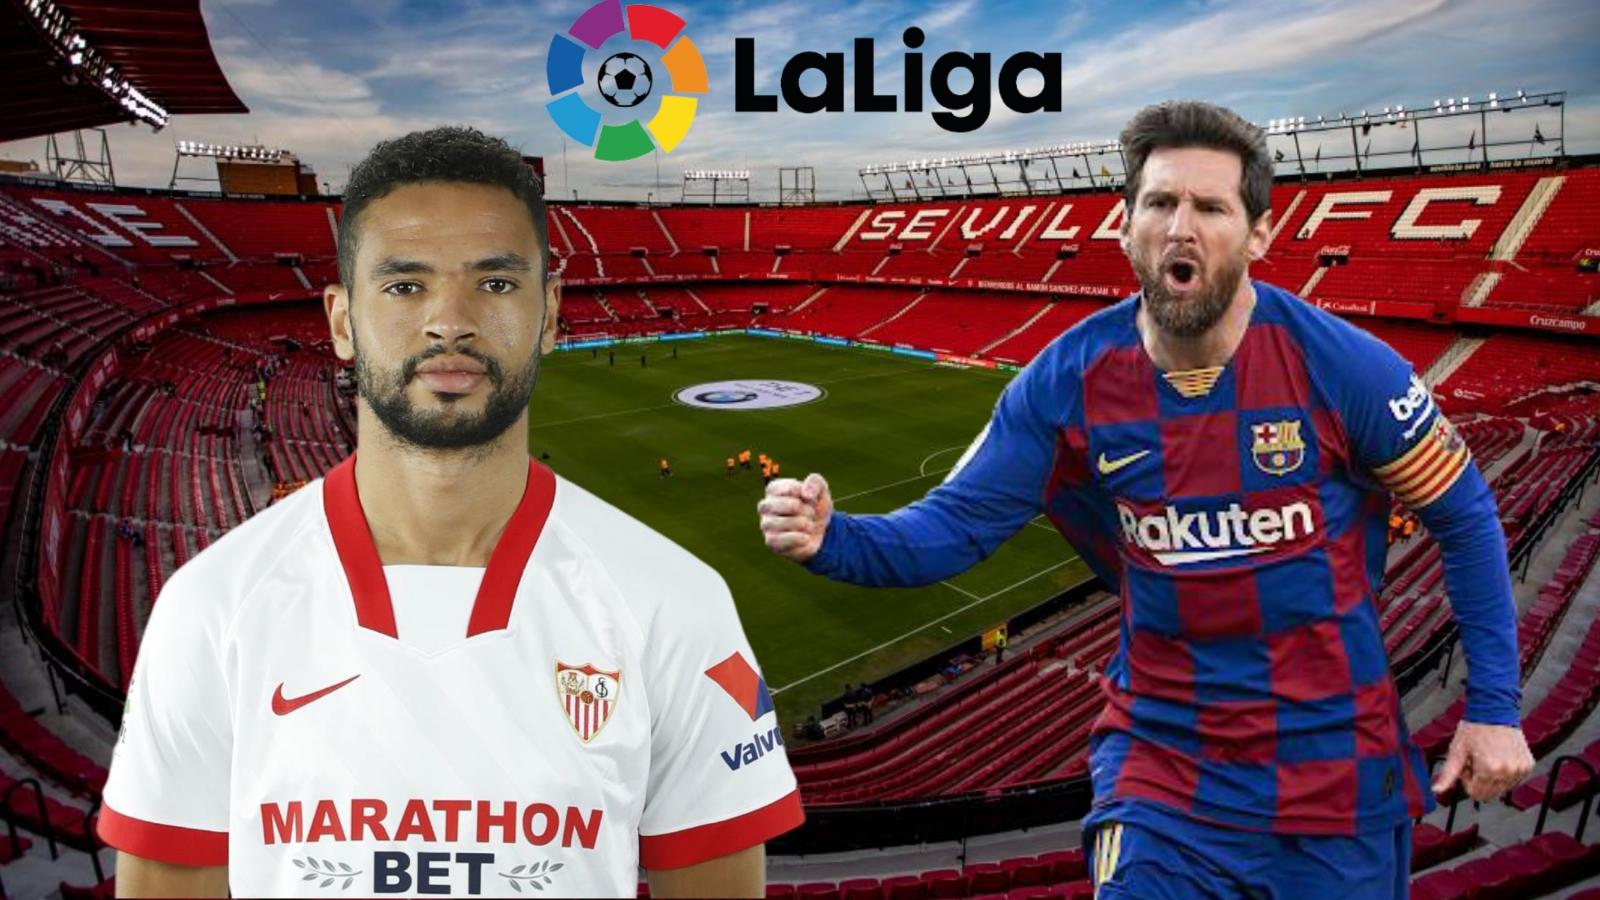 Dự đoán kết quả, đội hình xuất phát trận Sevilla - Barca